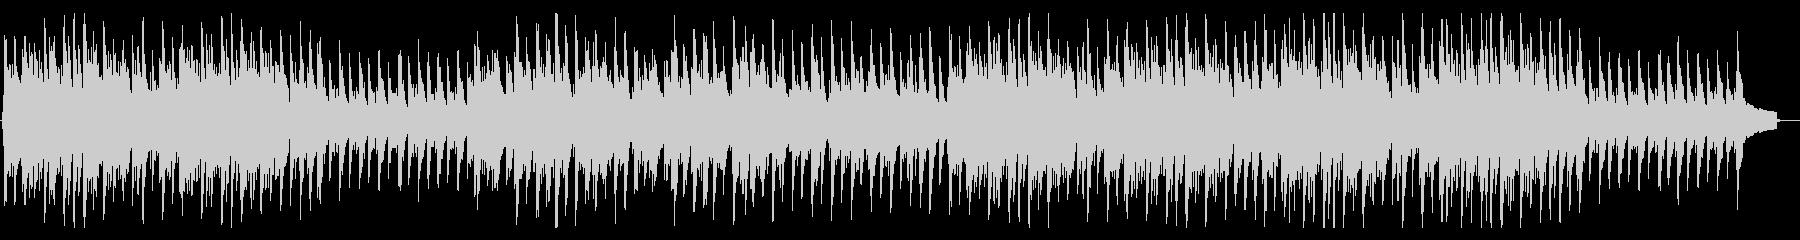 ピアノとアコギの感動的なエンディング曲の未再生の波形